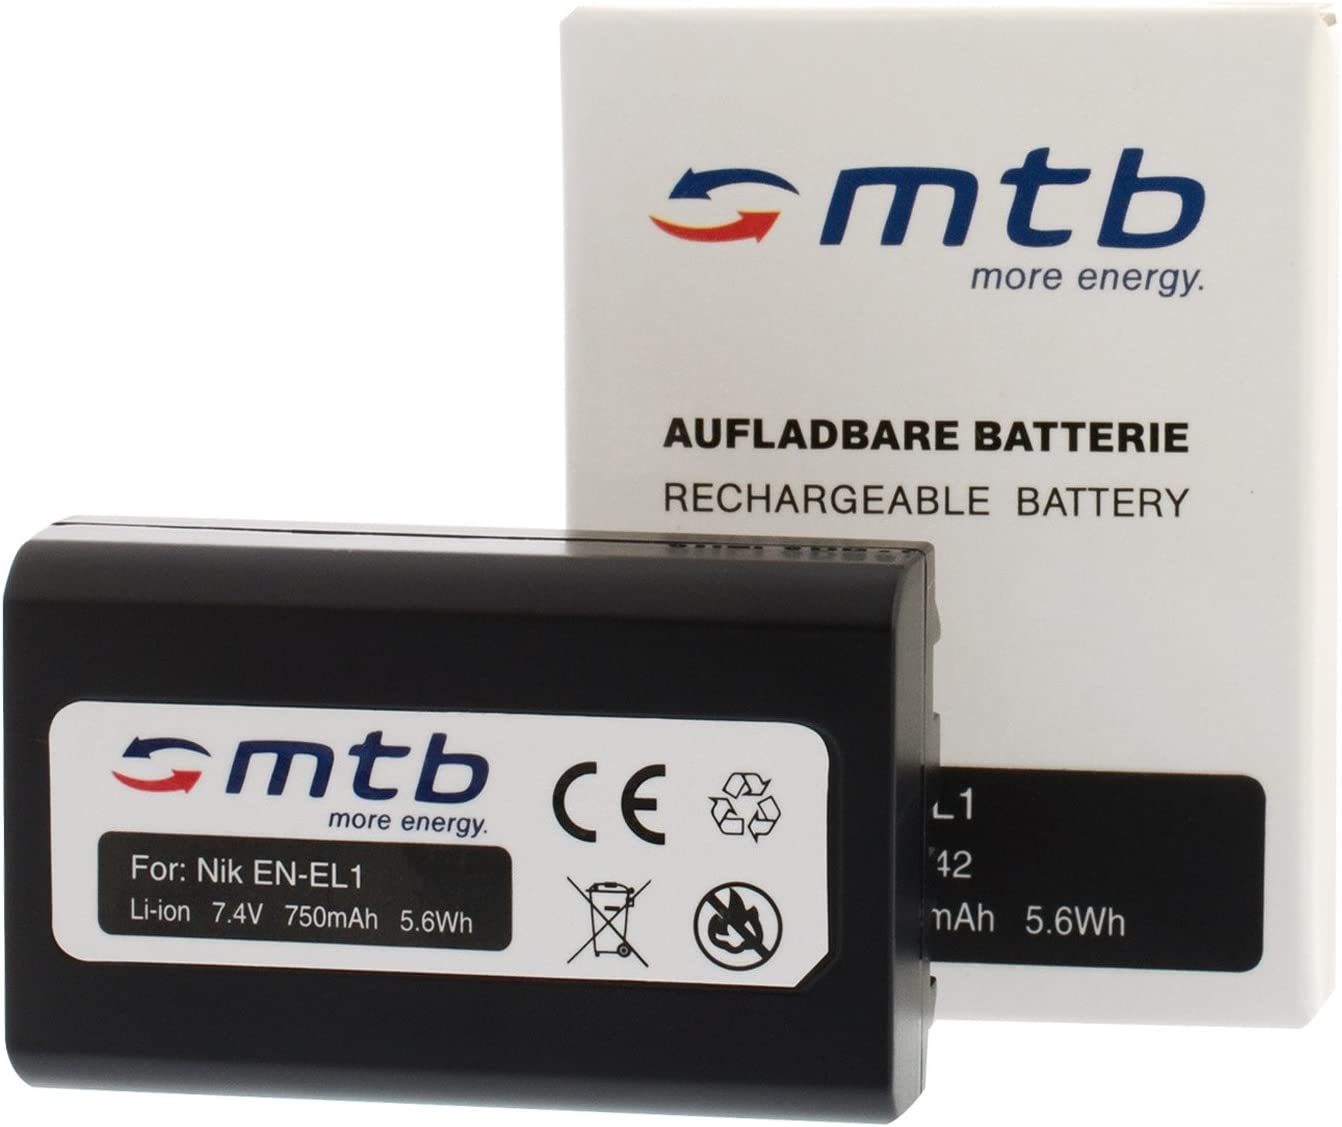 MILNOTA NP 800 Prodotto compatibile per sostituire Batteria lithium-ion per fotocamera//videocamera NP800